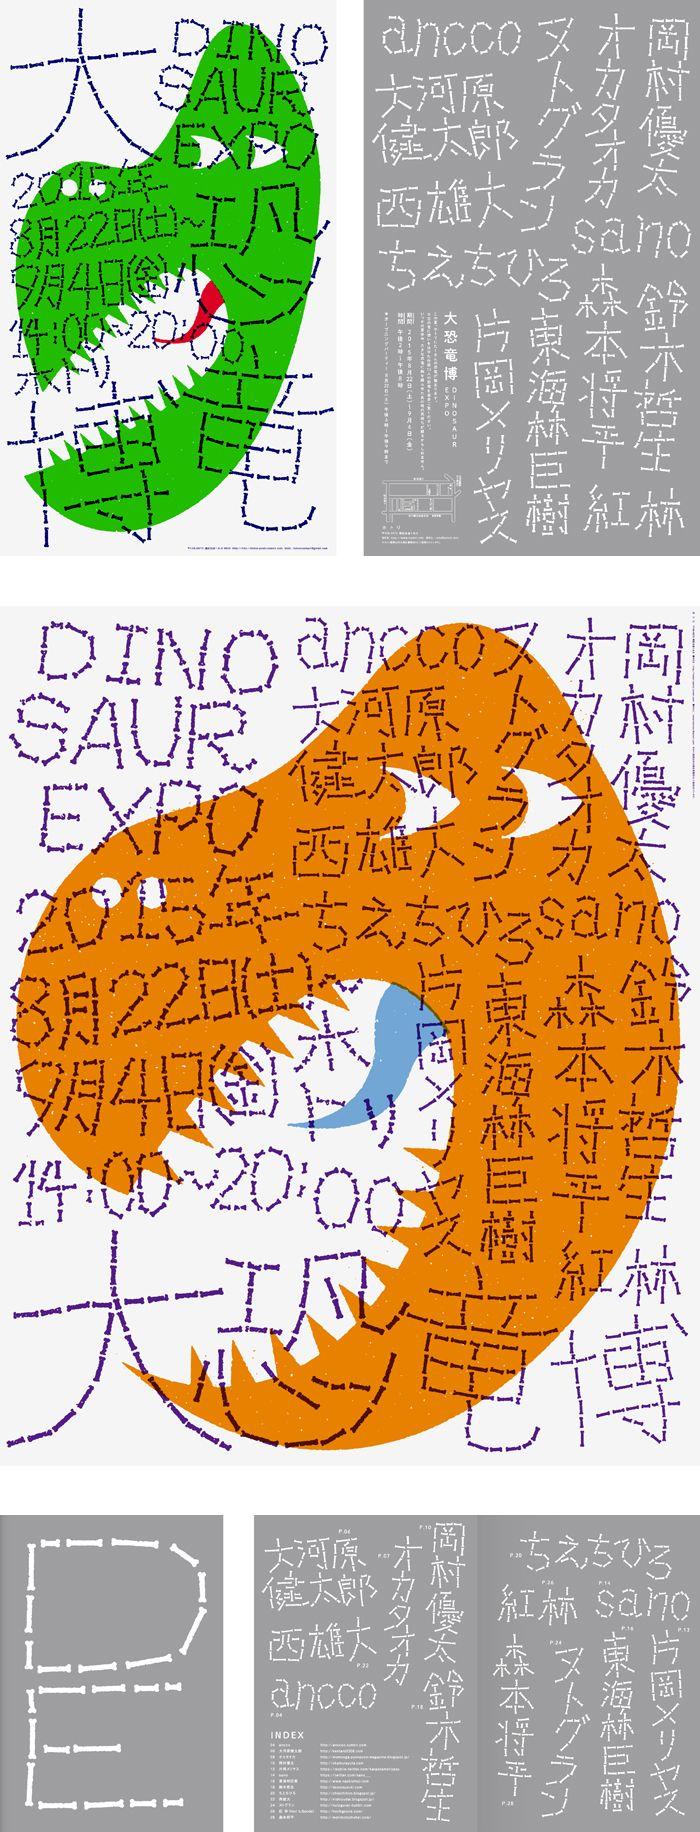 大恐竜博 DINOSAUR EXPO 大阪編 加瀬透